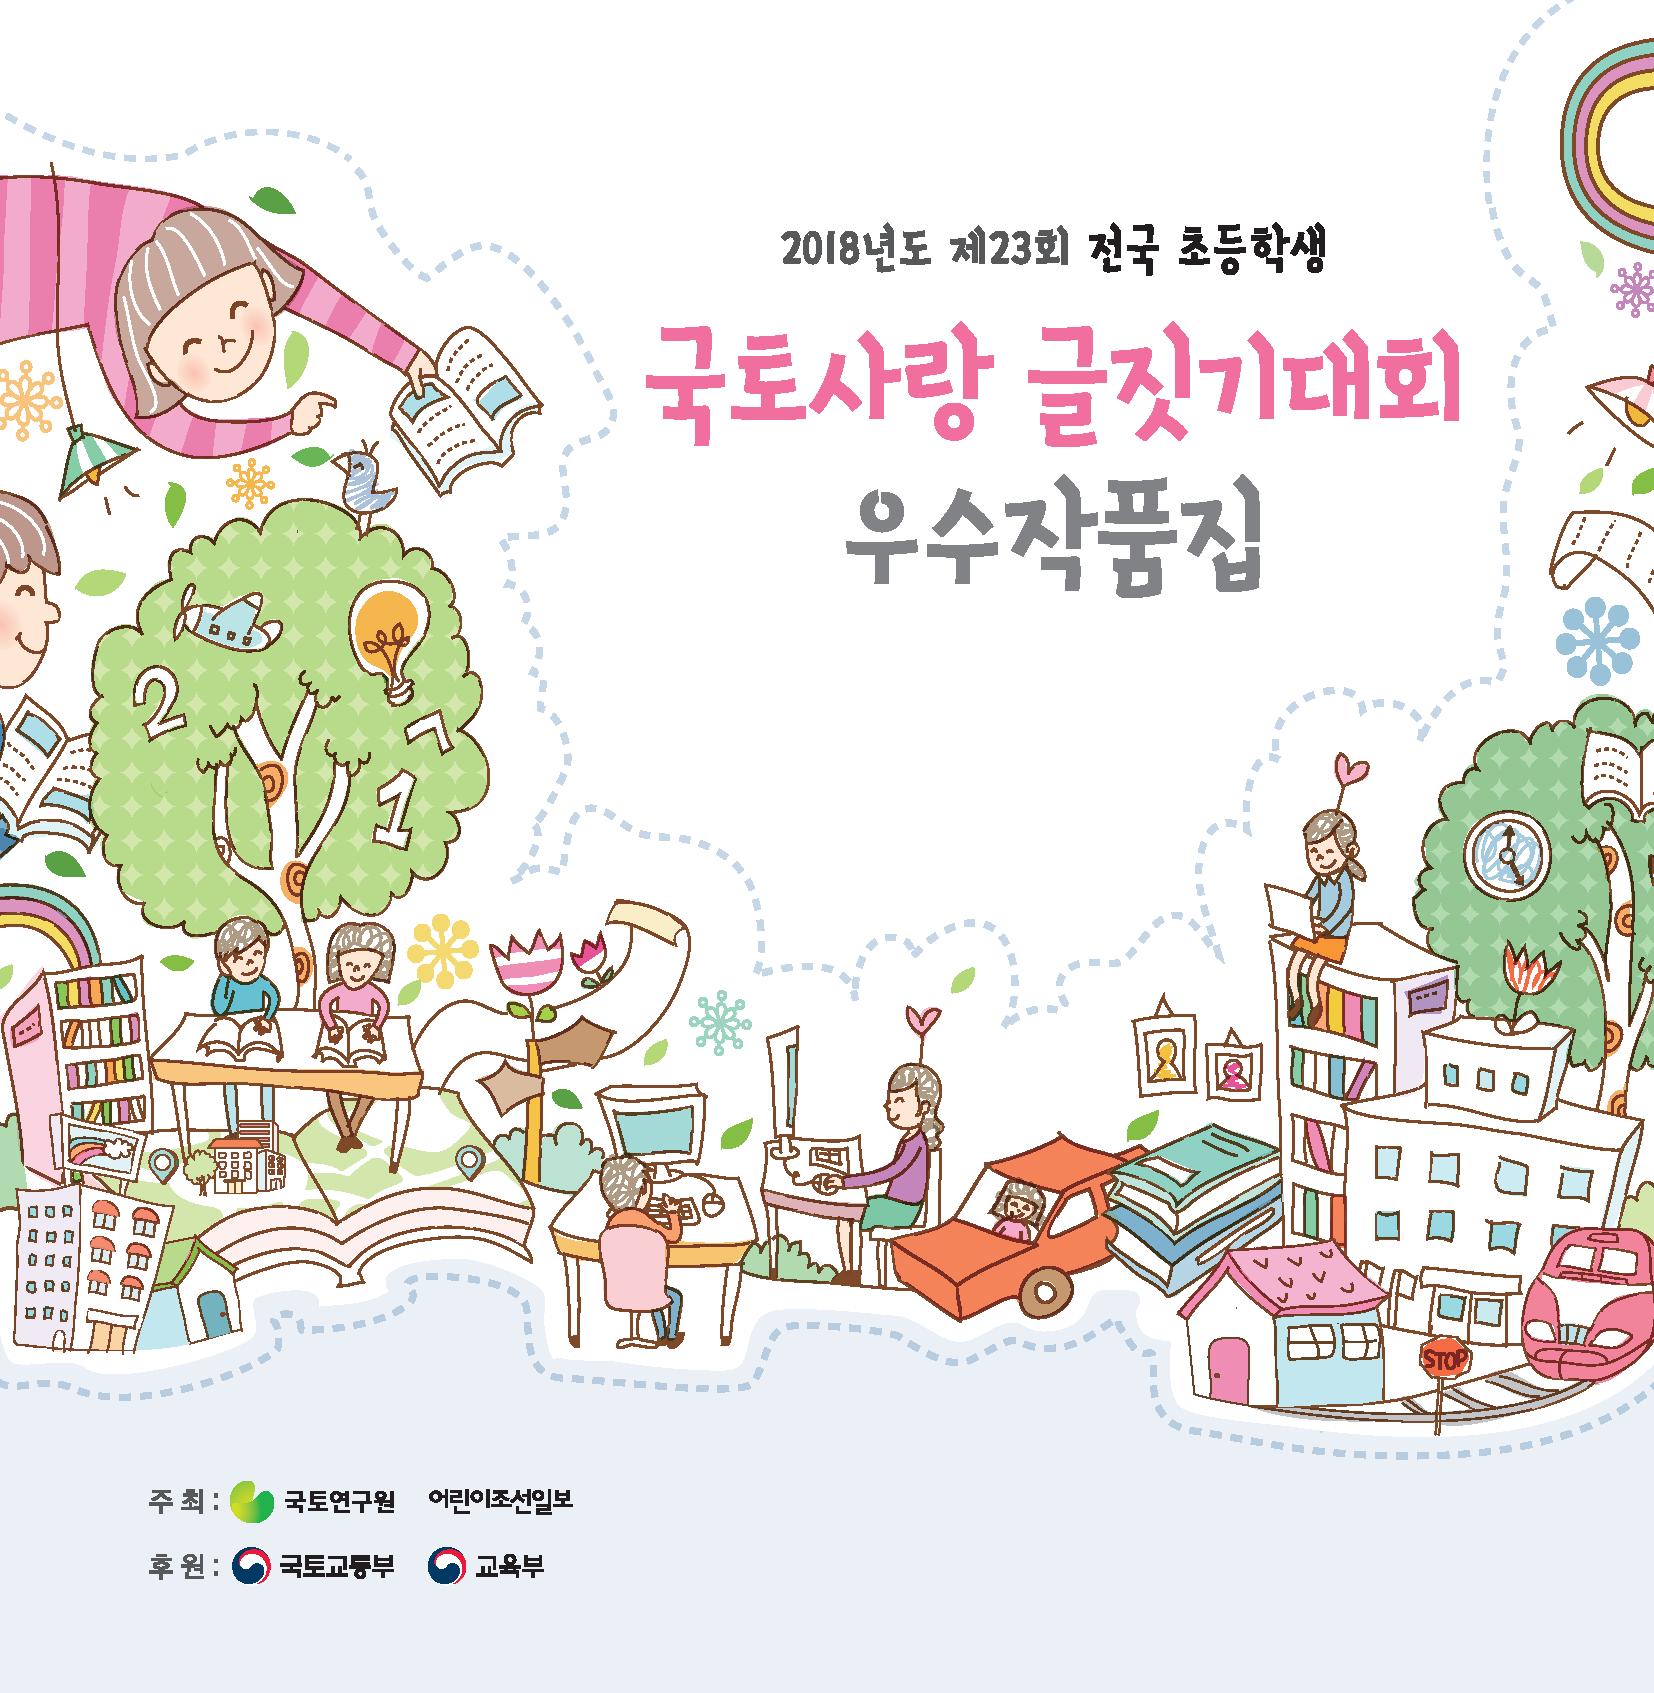 (2018년도 제23회 전국 초등학생) 국토사랑 글짓기대회 우수작품집표지